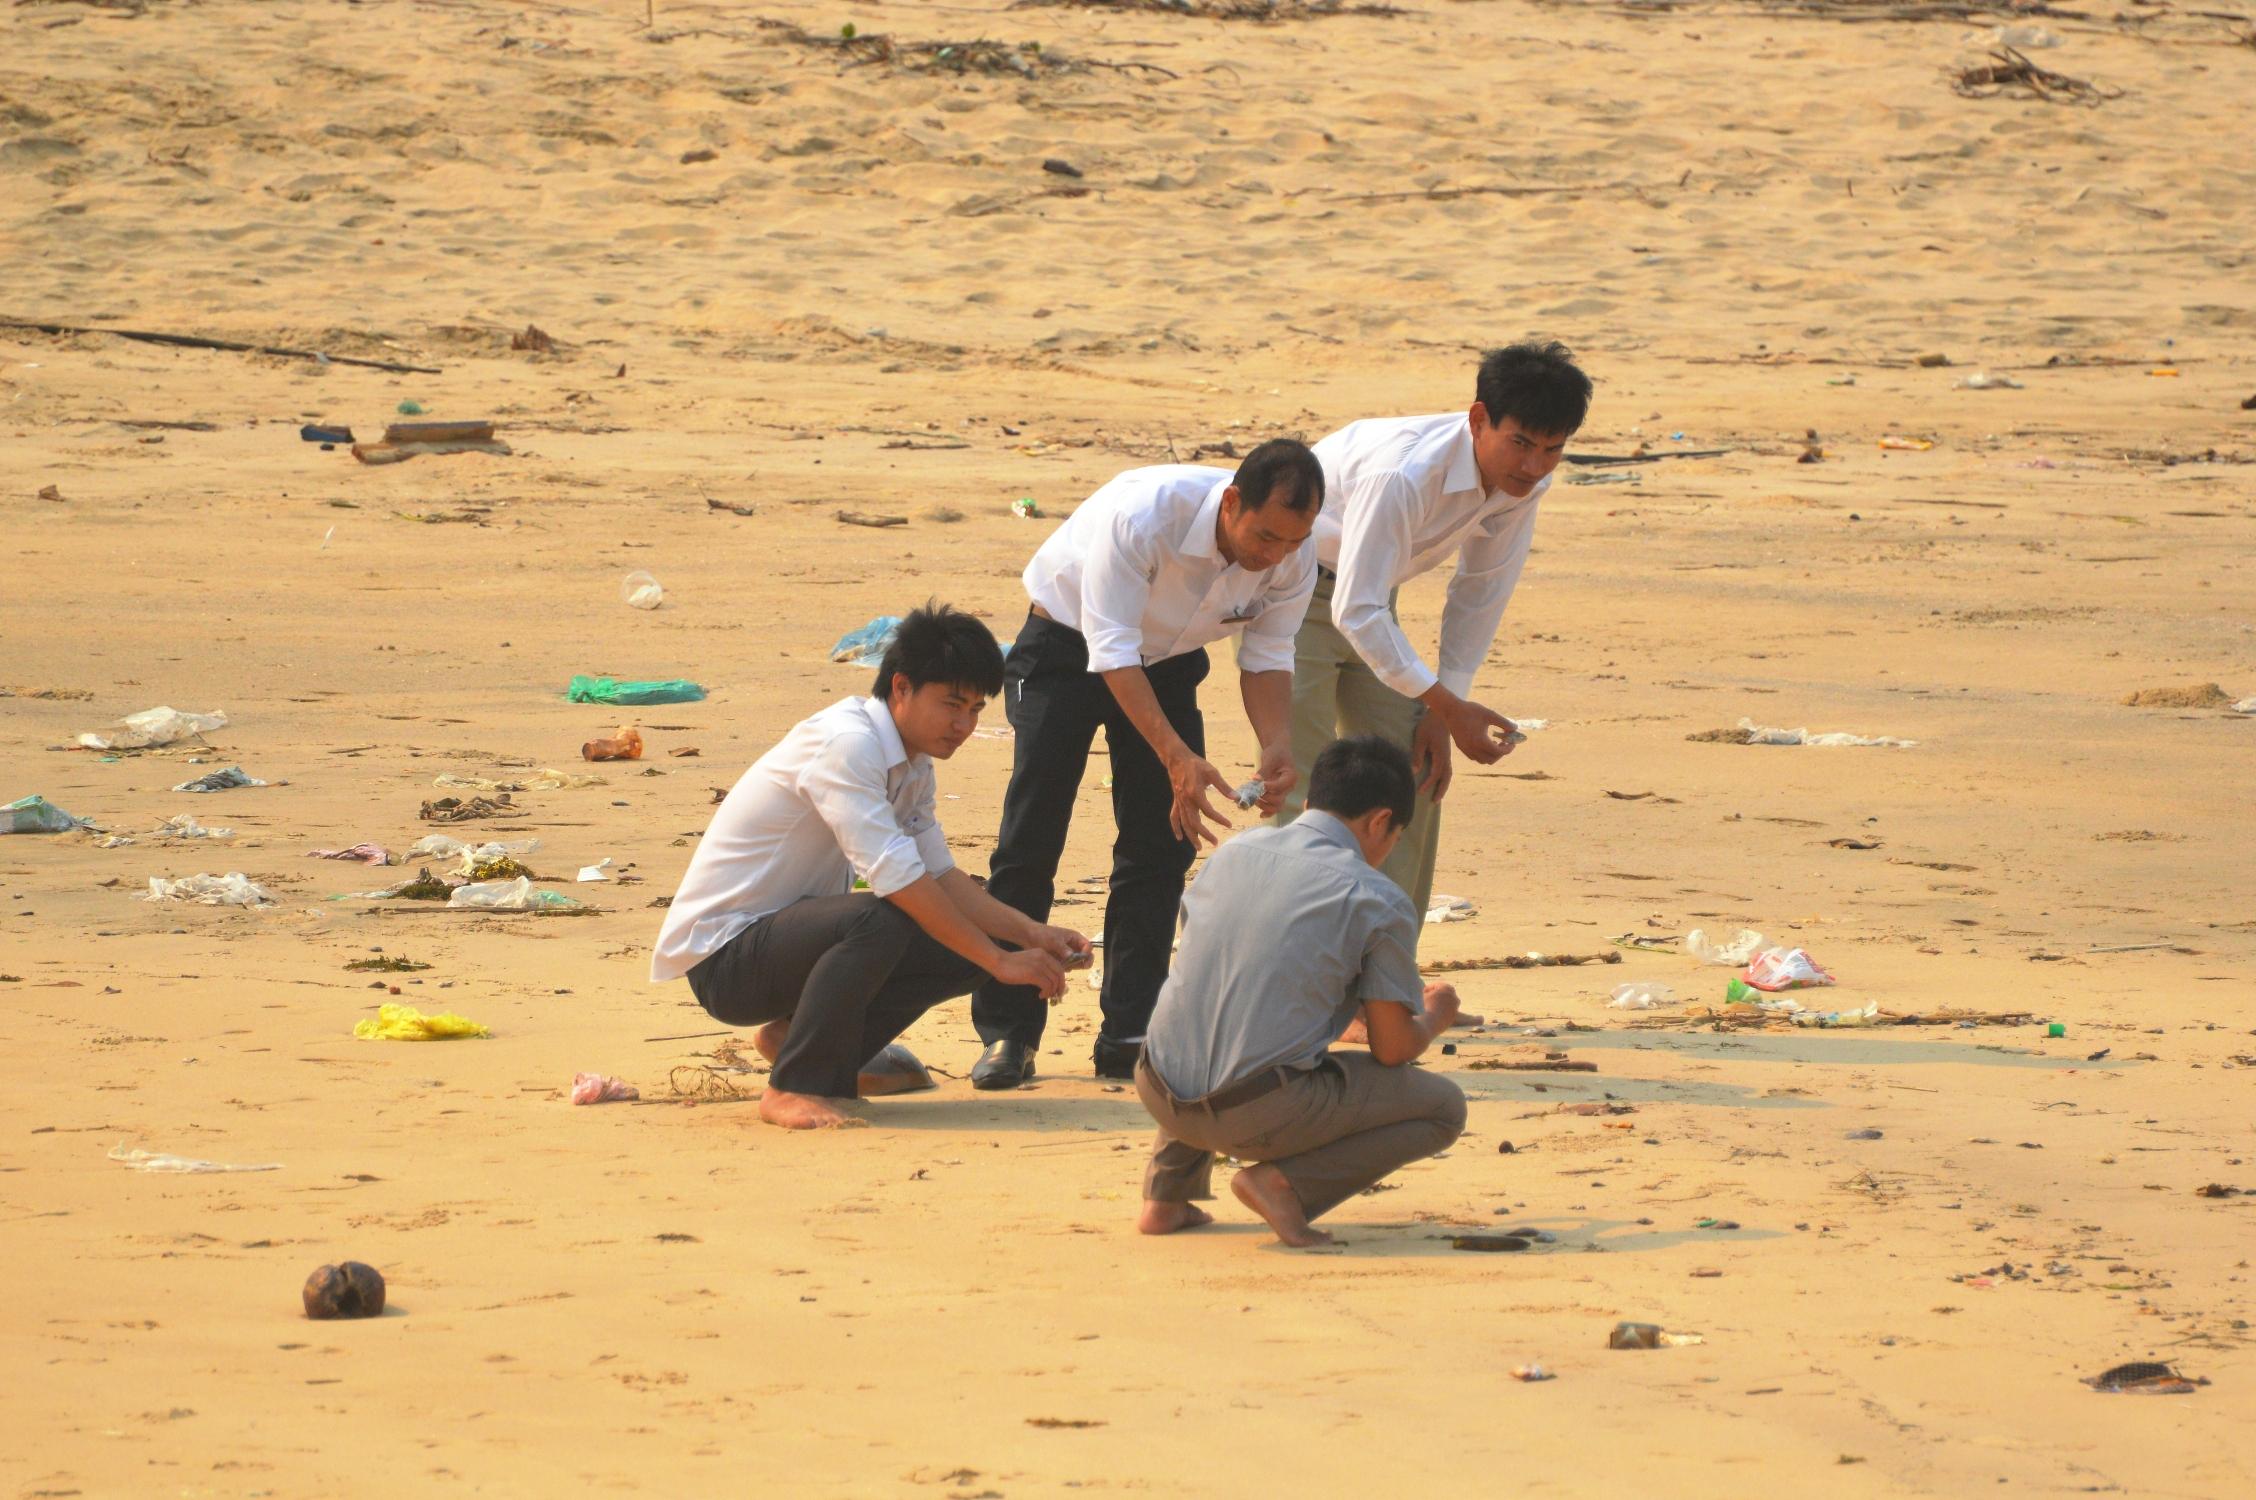 Điều tra nguyên nhân cá chết hàng loạt ở ven biển miền Trung - Ảnh 2